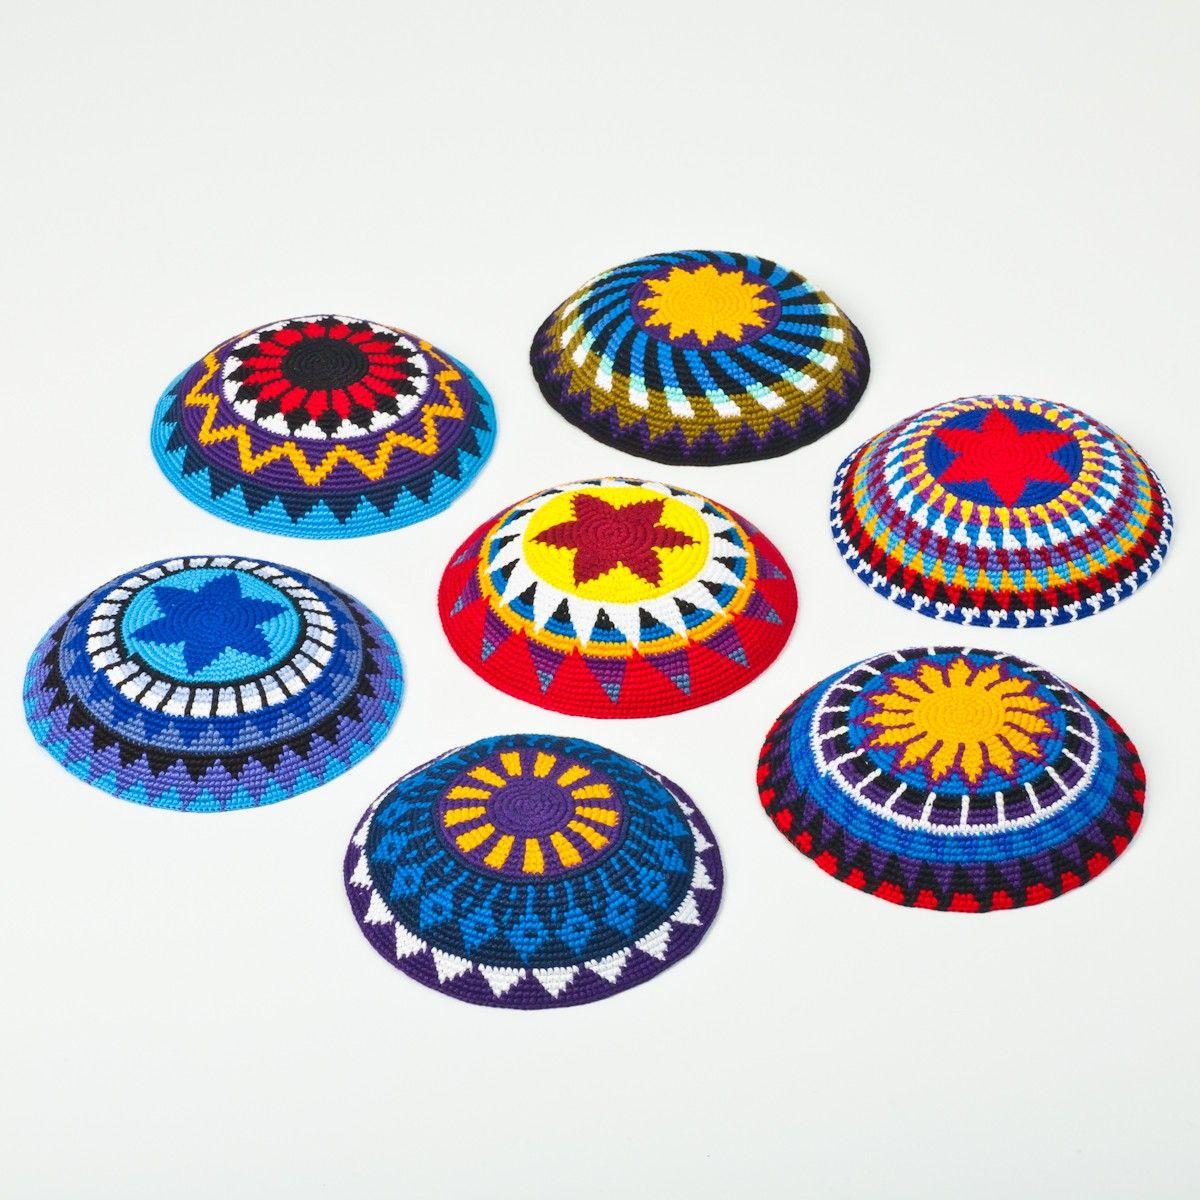 6 Inch Handmade Bright Crocheted Jewish Kippot / Yarmulke